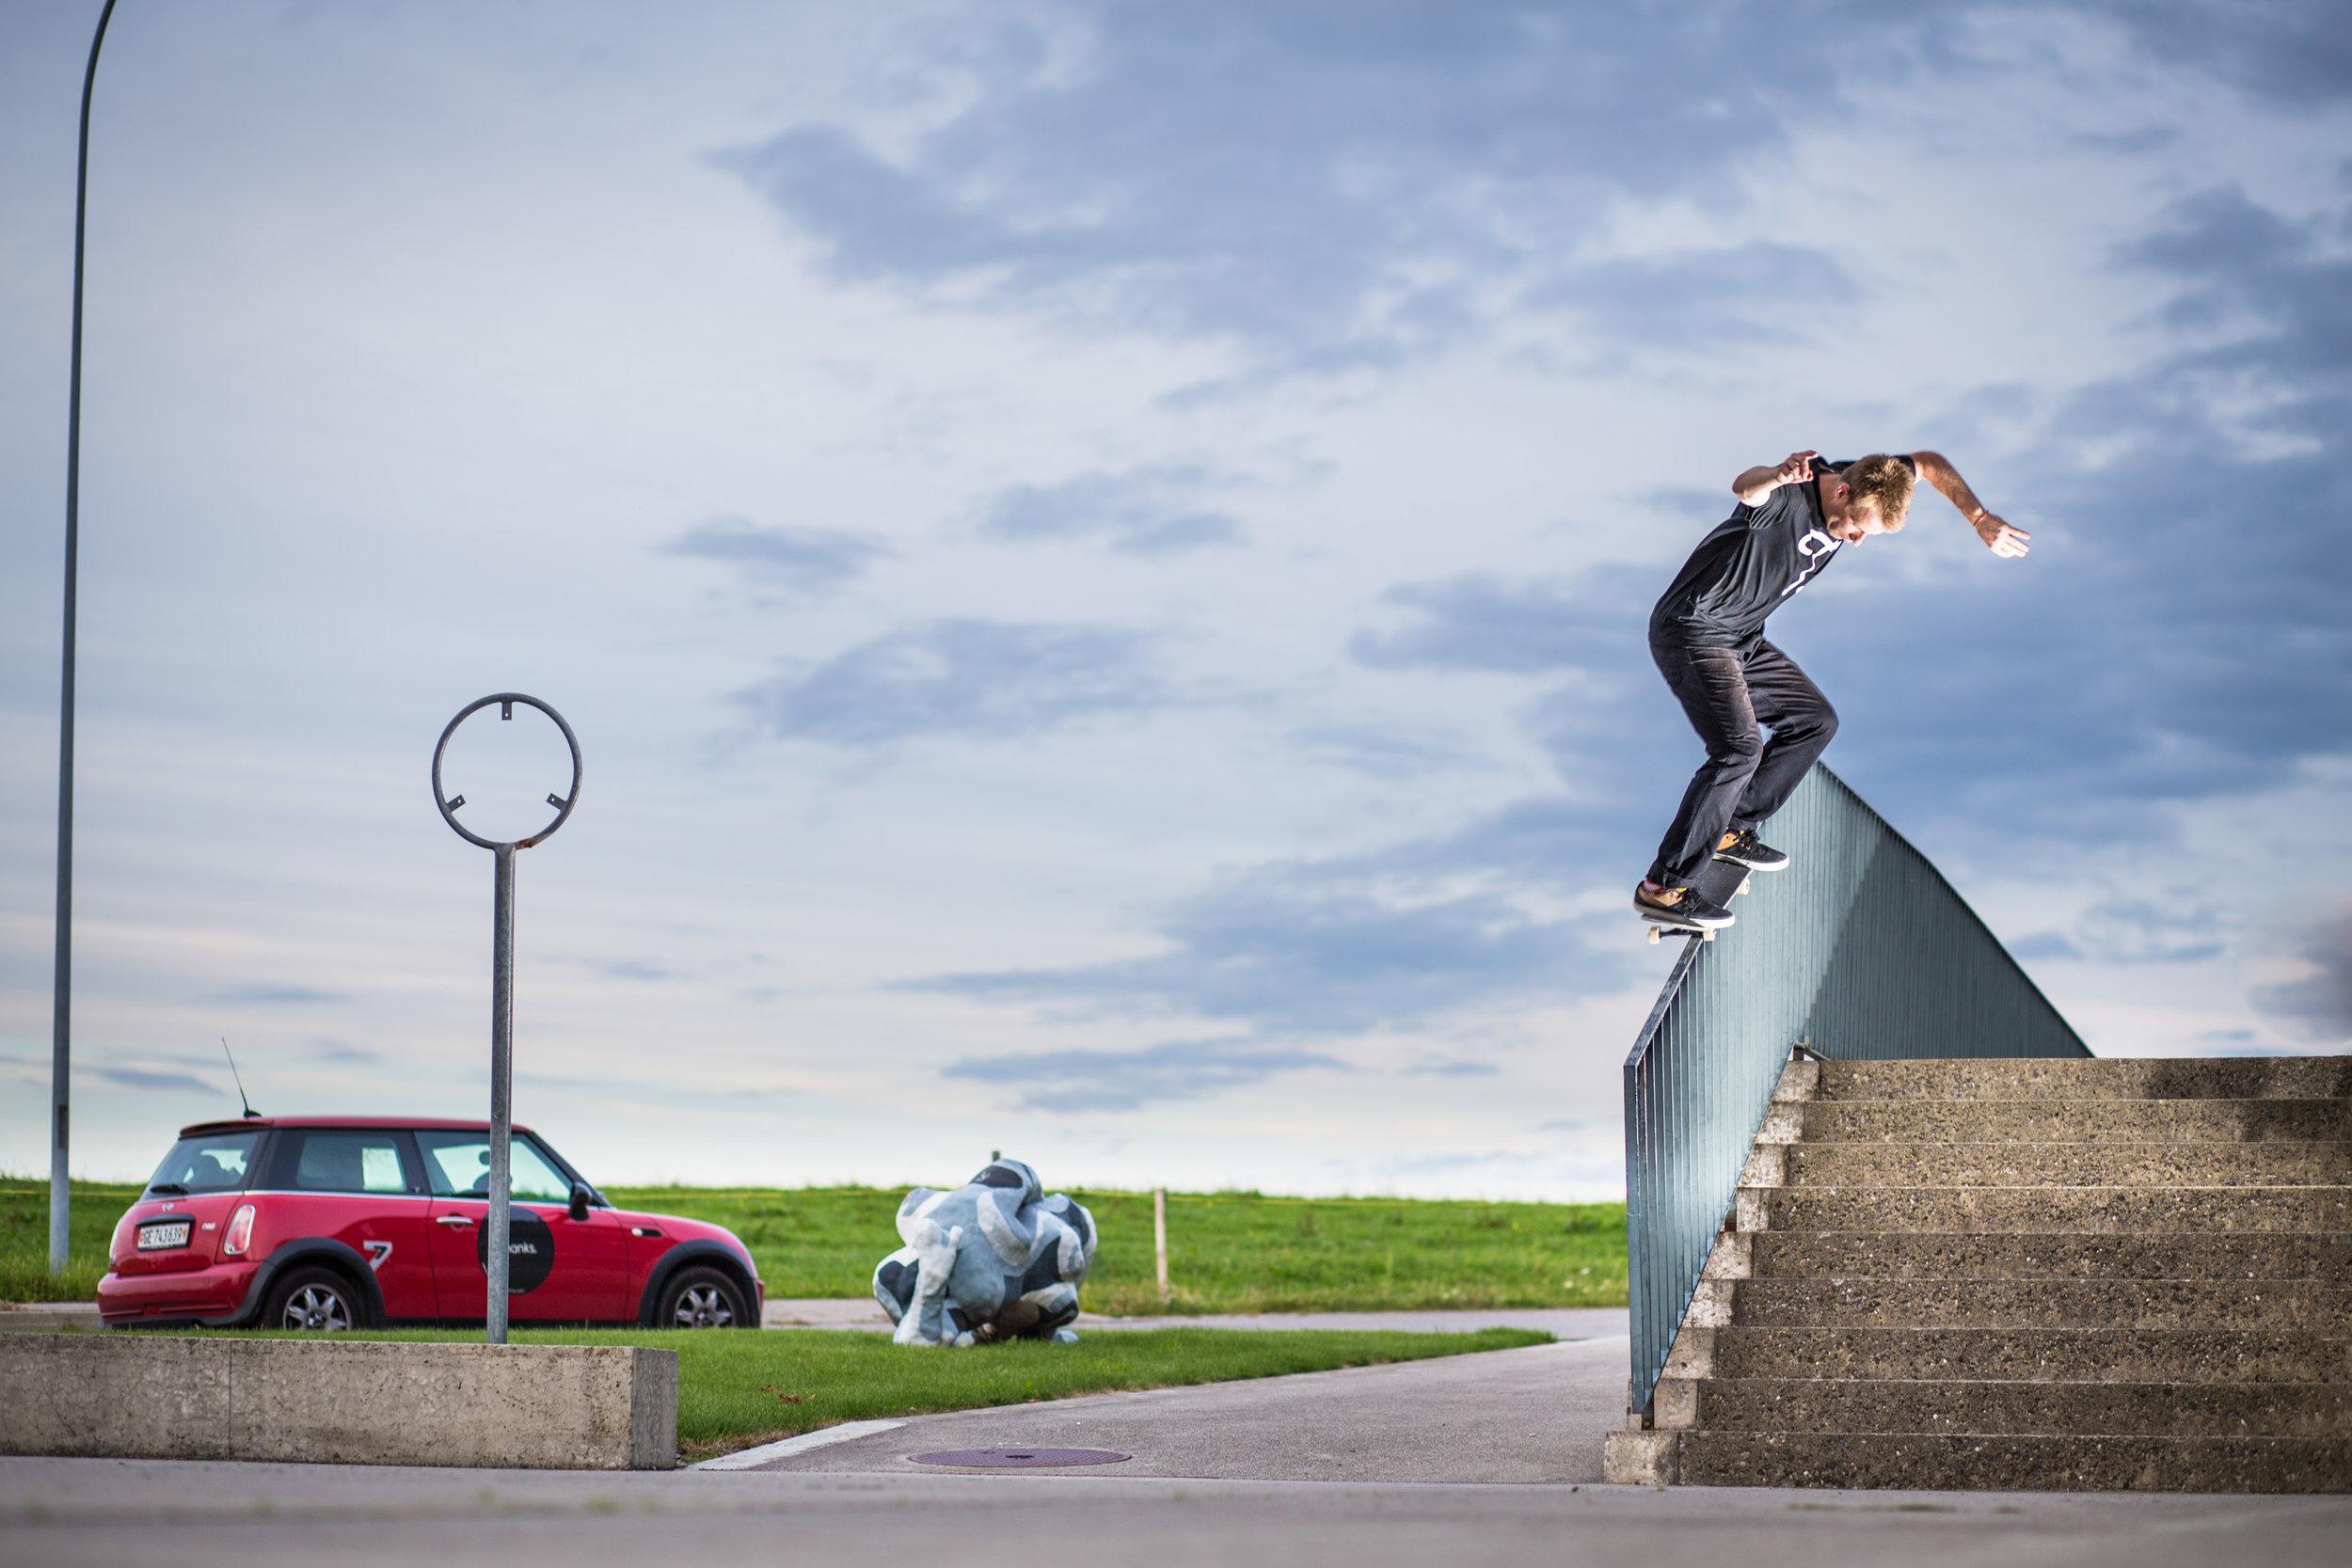 Jonathan Marty - Backside grind